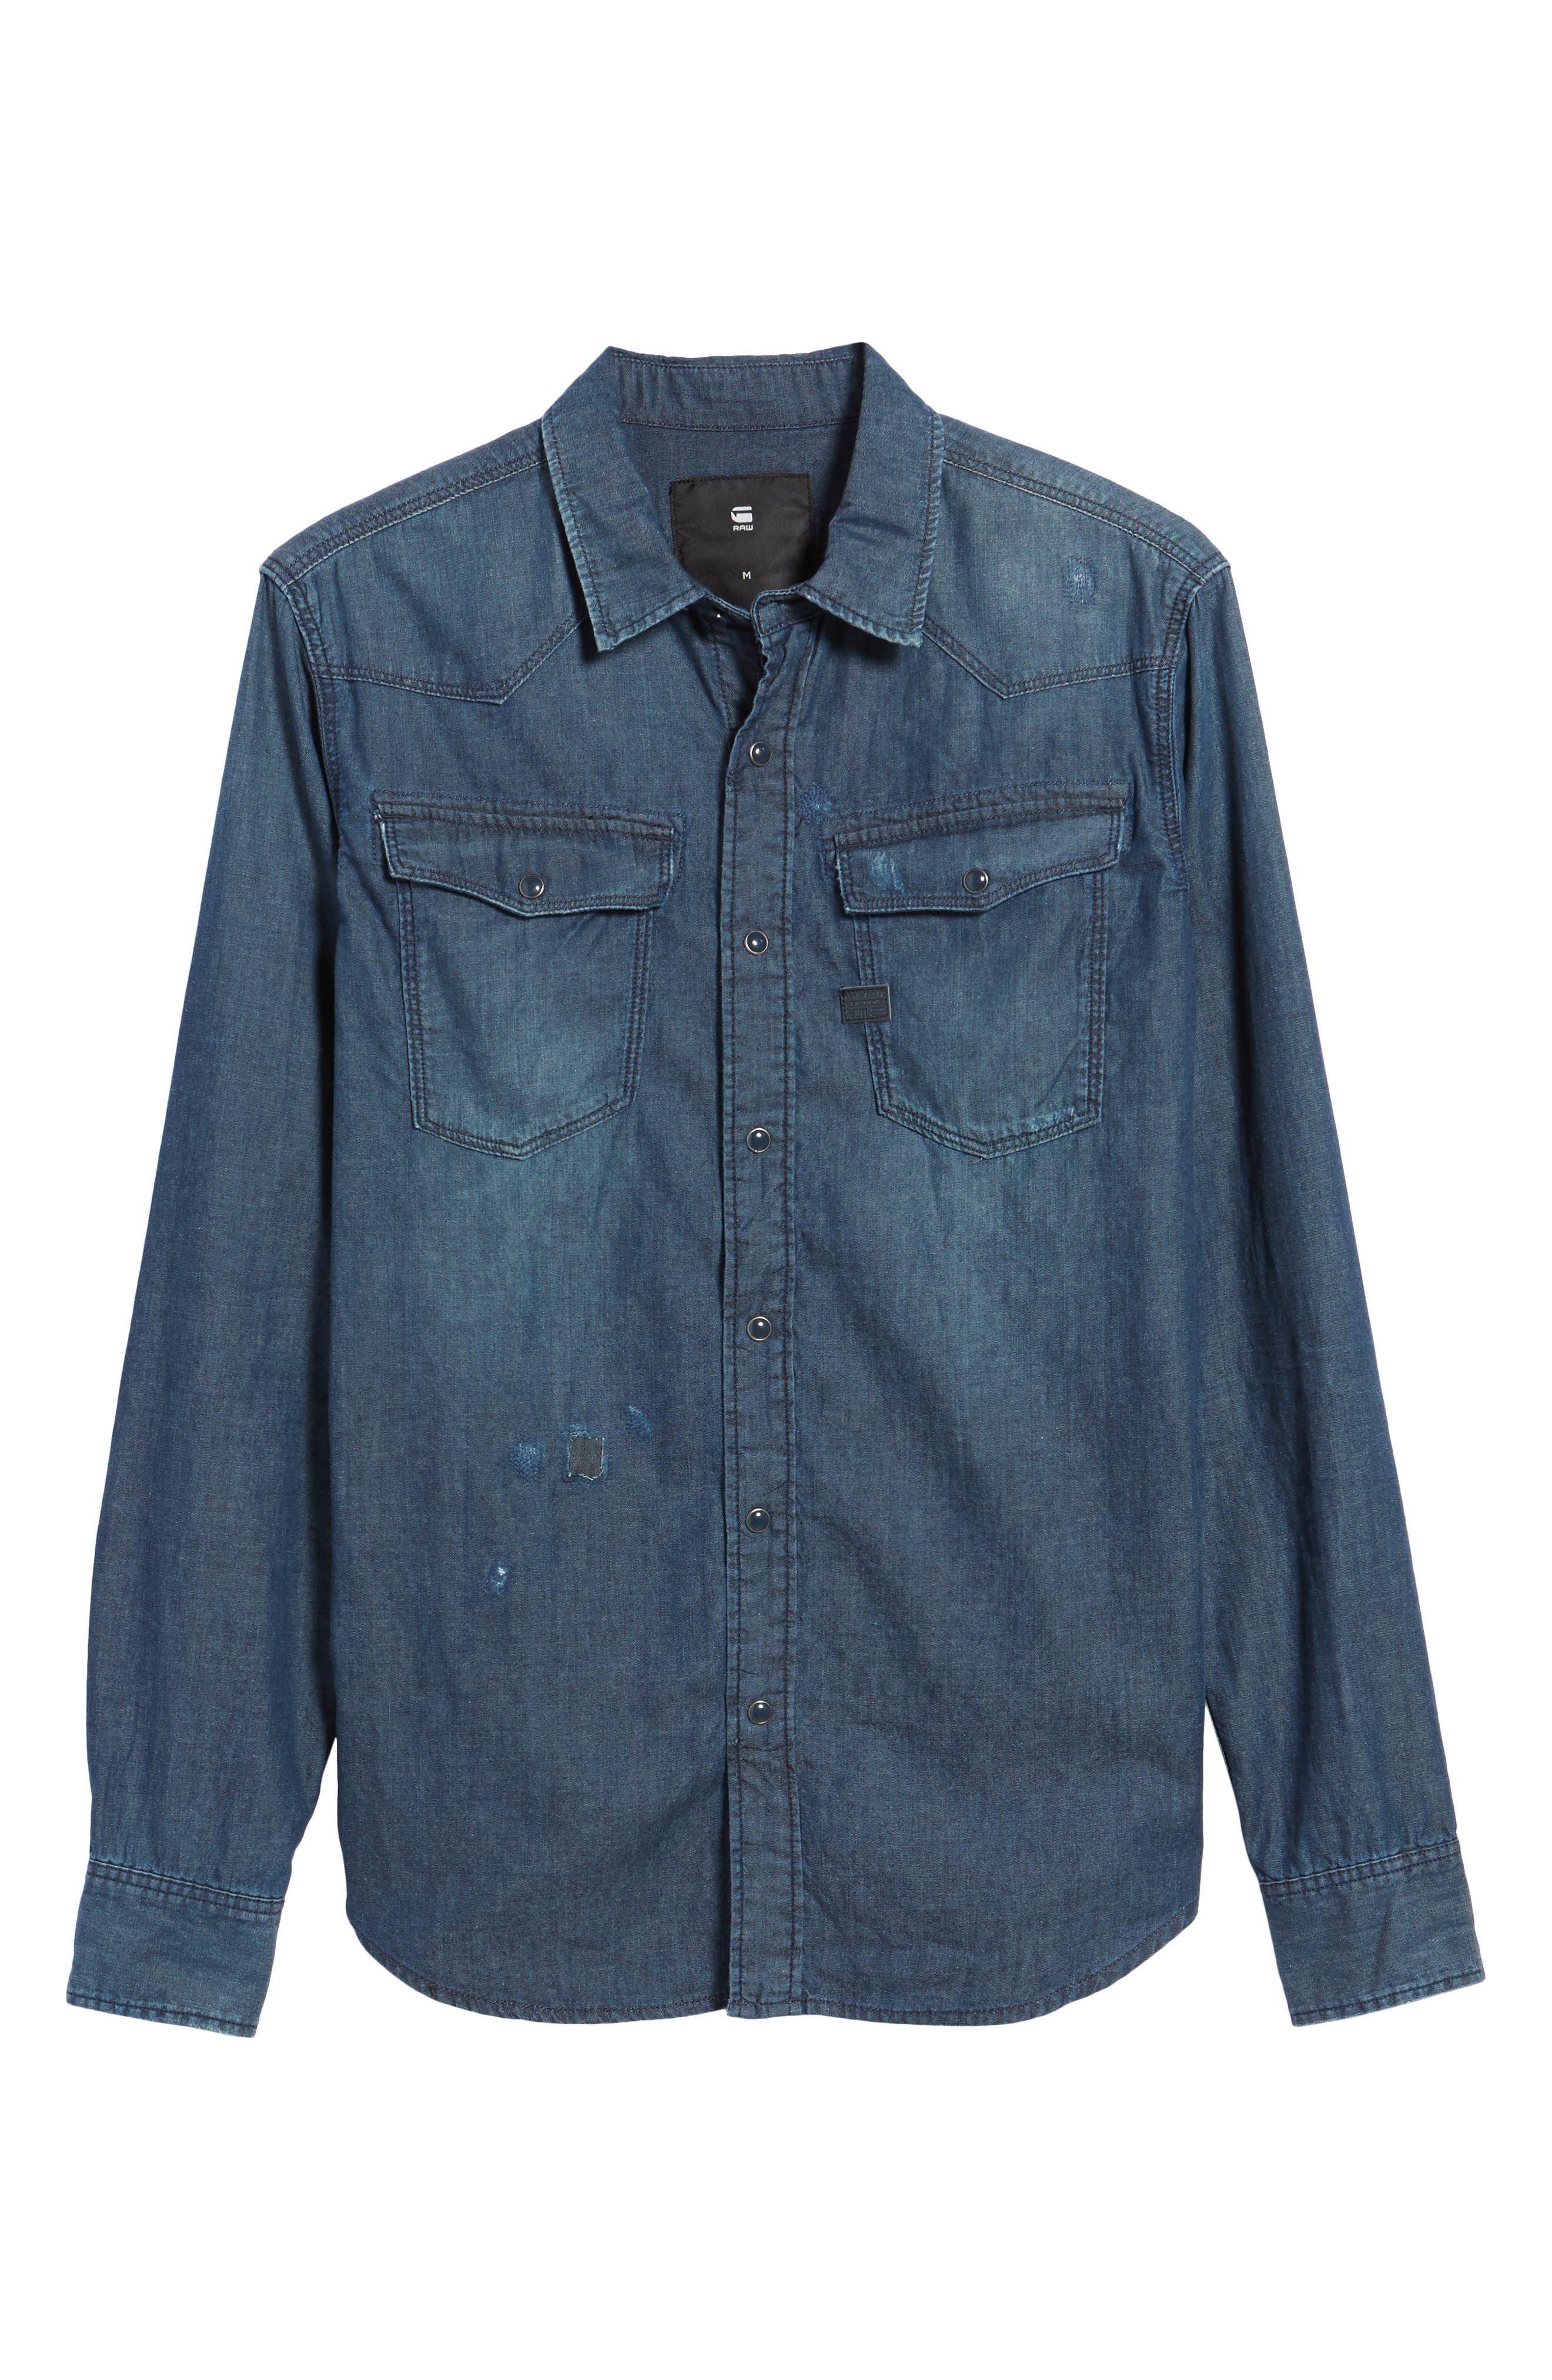 Kinney Denim Shirt,                             Alternate thumbnail 6, color,